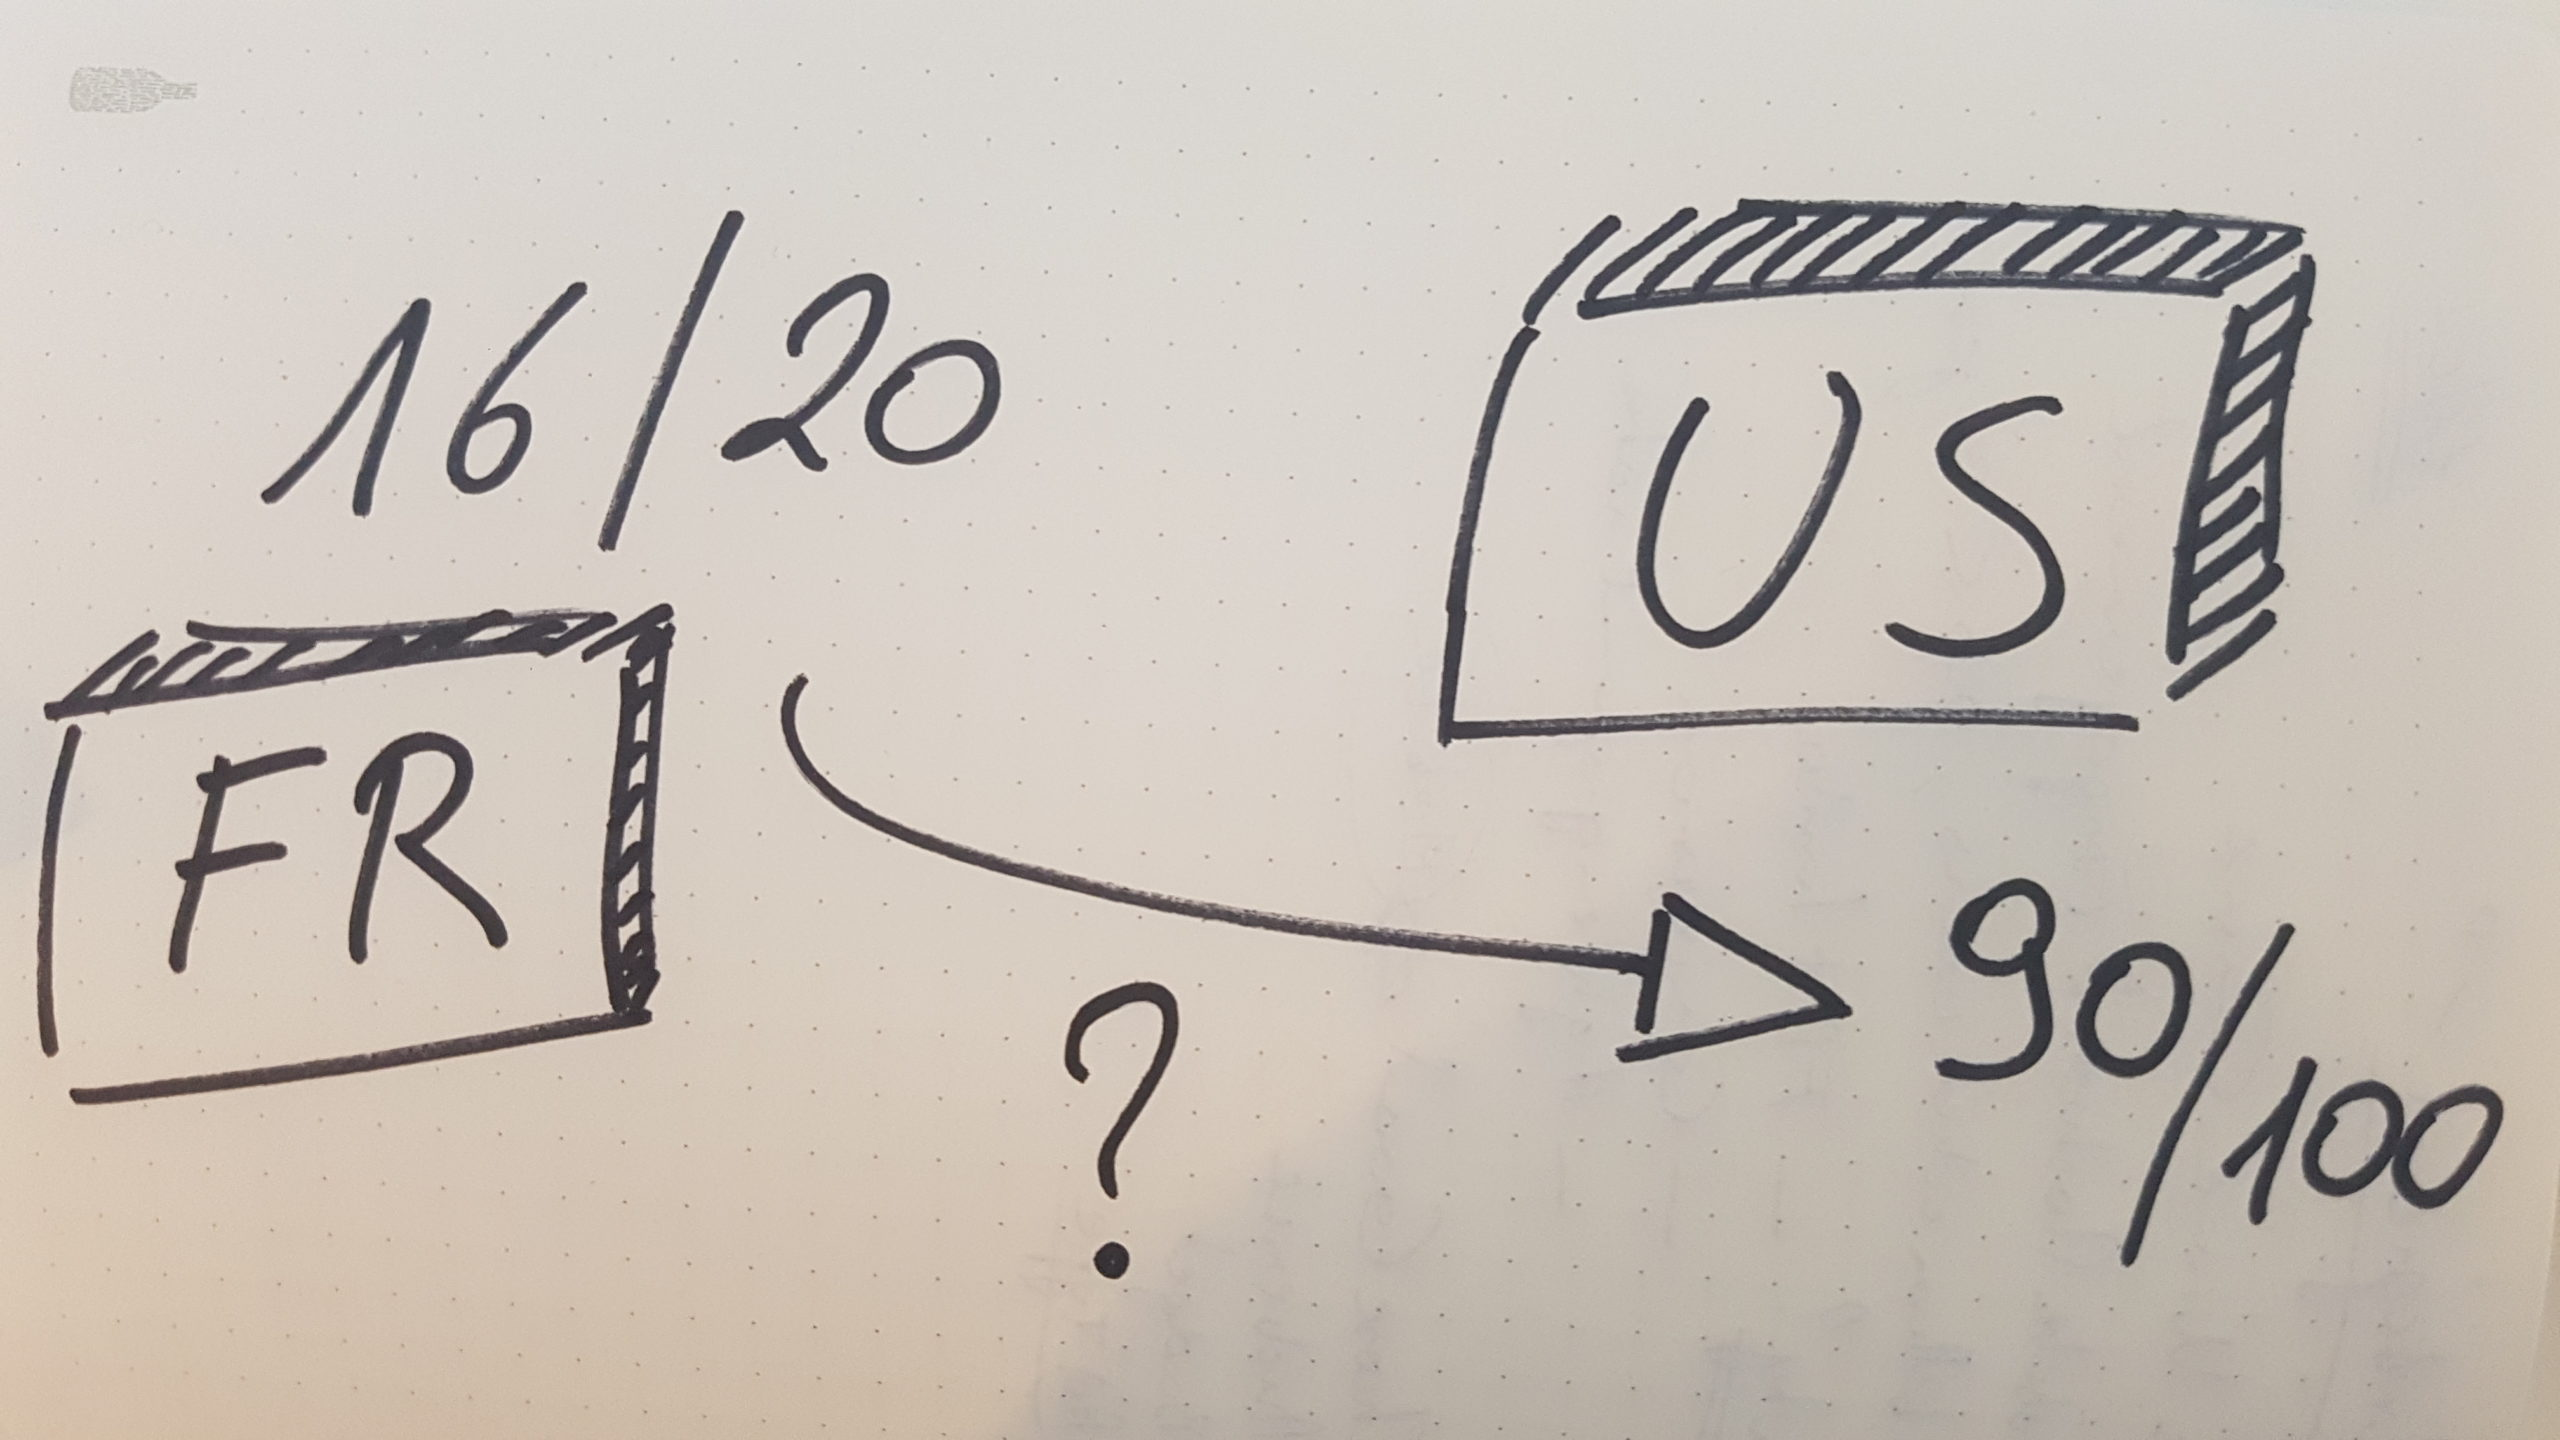 Mathématiques vineuses | comment 16/20 se dit 90/100 en ricain